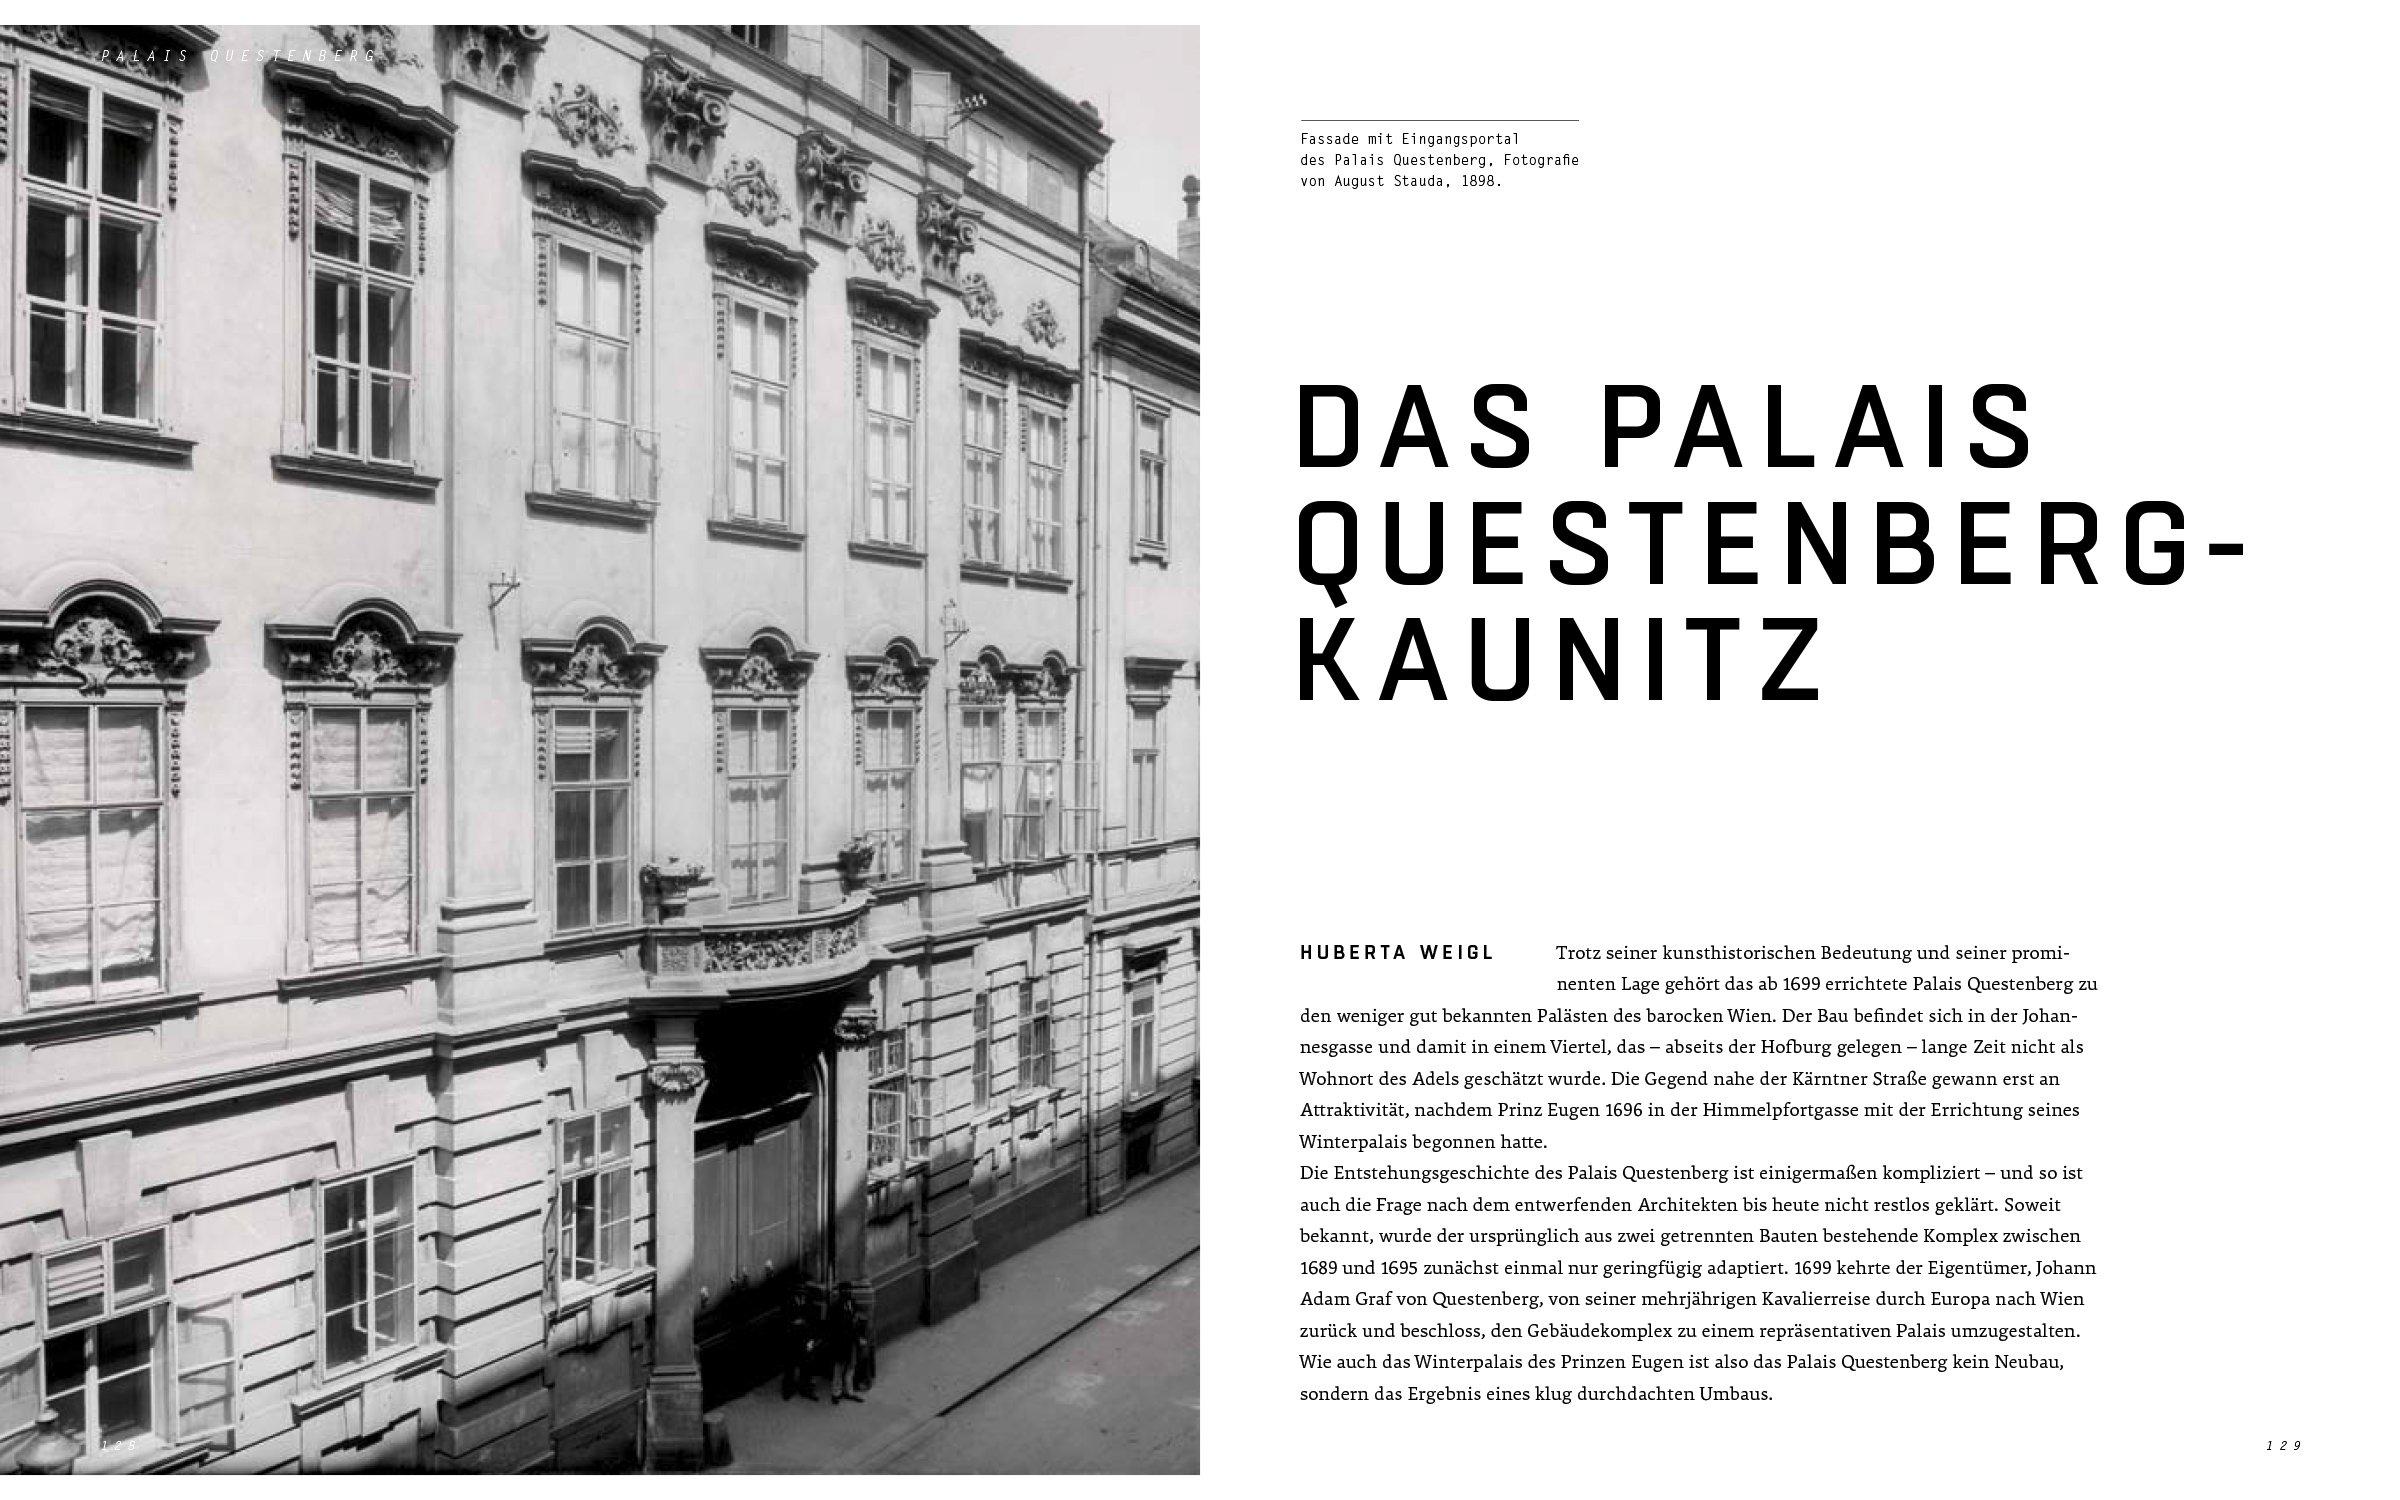 Das neue Stadtpalais Prinz Eugen: 9783850338301: Amazon.com: Books